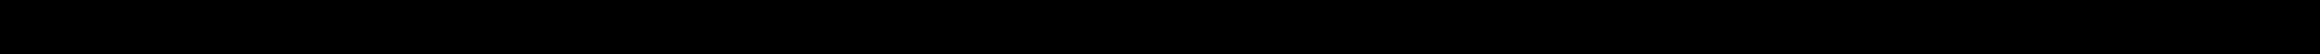 FEBI BILSTEIN 1 371 393, 1 503 287, 1 503 287 SK, 1 546 747, 6C111125AA Спирачен диск